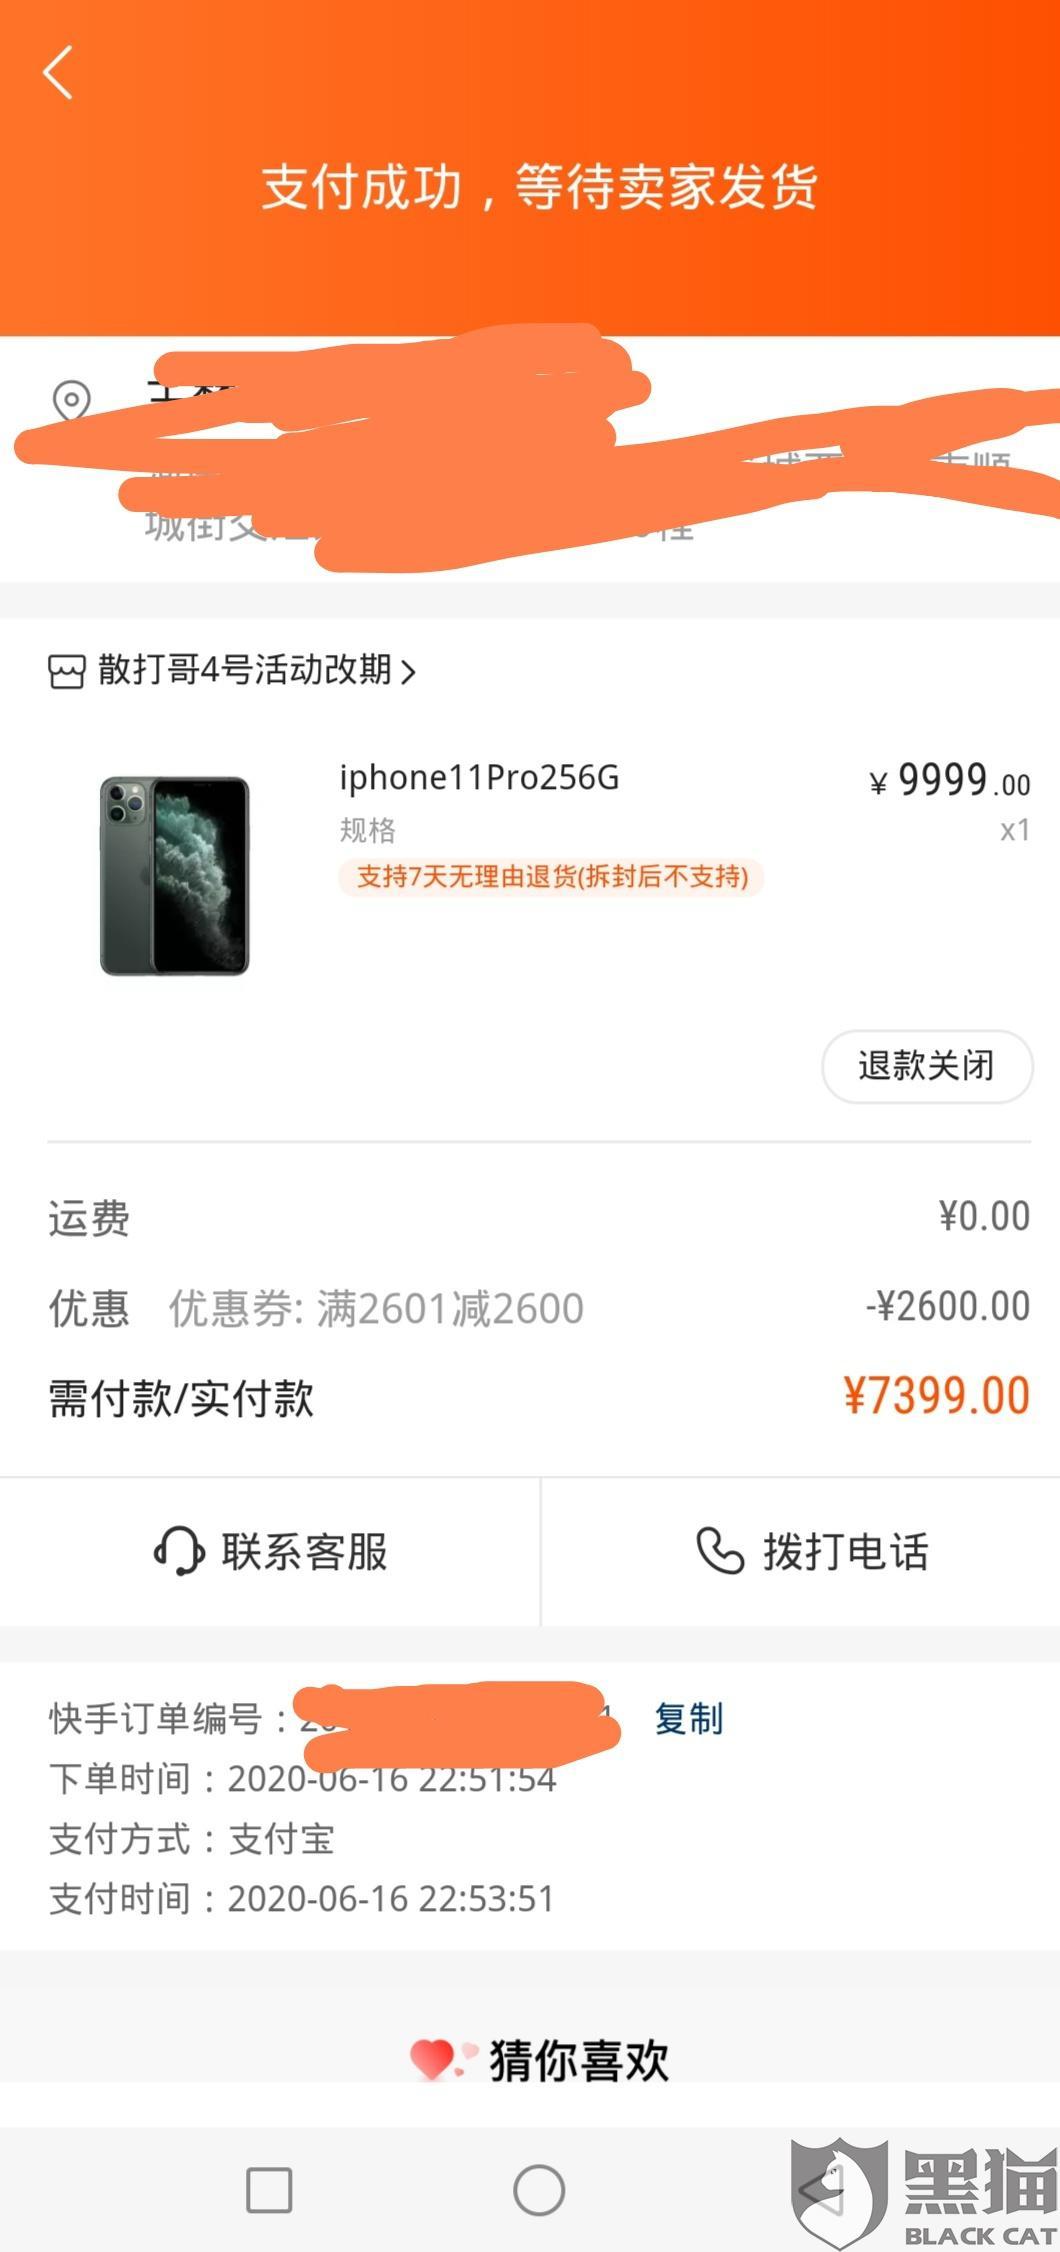 黑猫投诉:购买的手机不发货